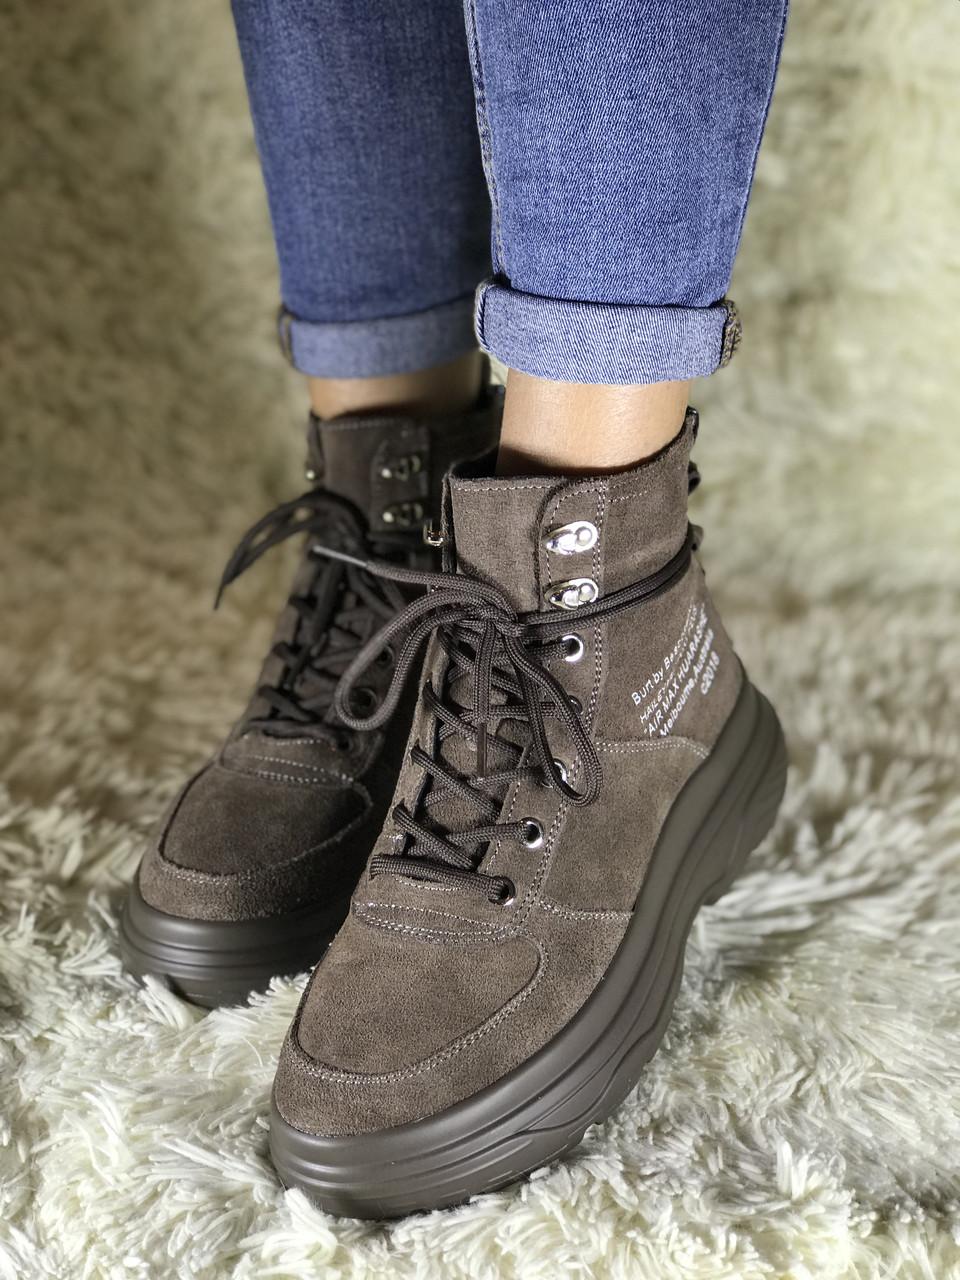 7da3176f Женские зимние кроссовки на платформе из натуральной замши -  Интернет-магазин женской обуви